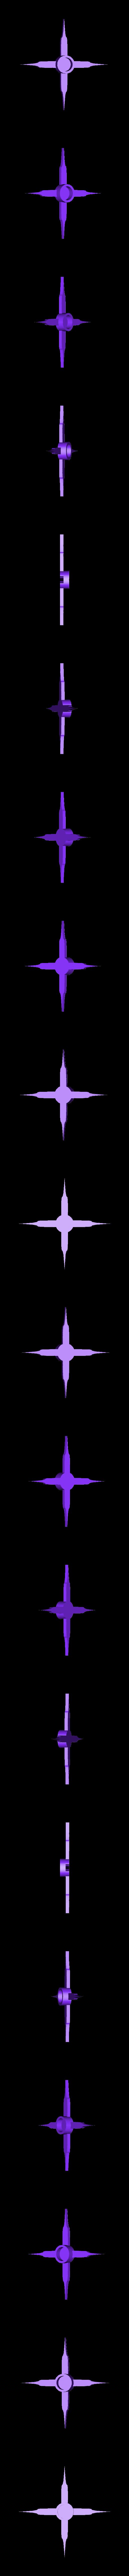 NEMA_Extruder_motor_rotation_indicator_6mm.stl Télécharger fichier STL gratuit Indicateur de rotation du moteur NEMA (extrudeuse) (Prusa MK2(S)/MK2.5/MK3/MMMU2) • Modèle à imprimer en 3D, petclaud